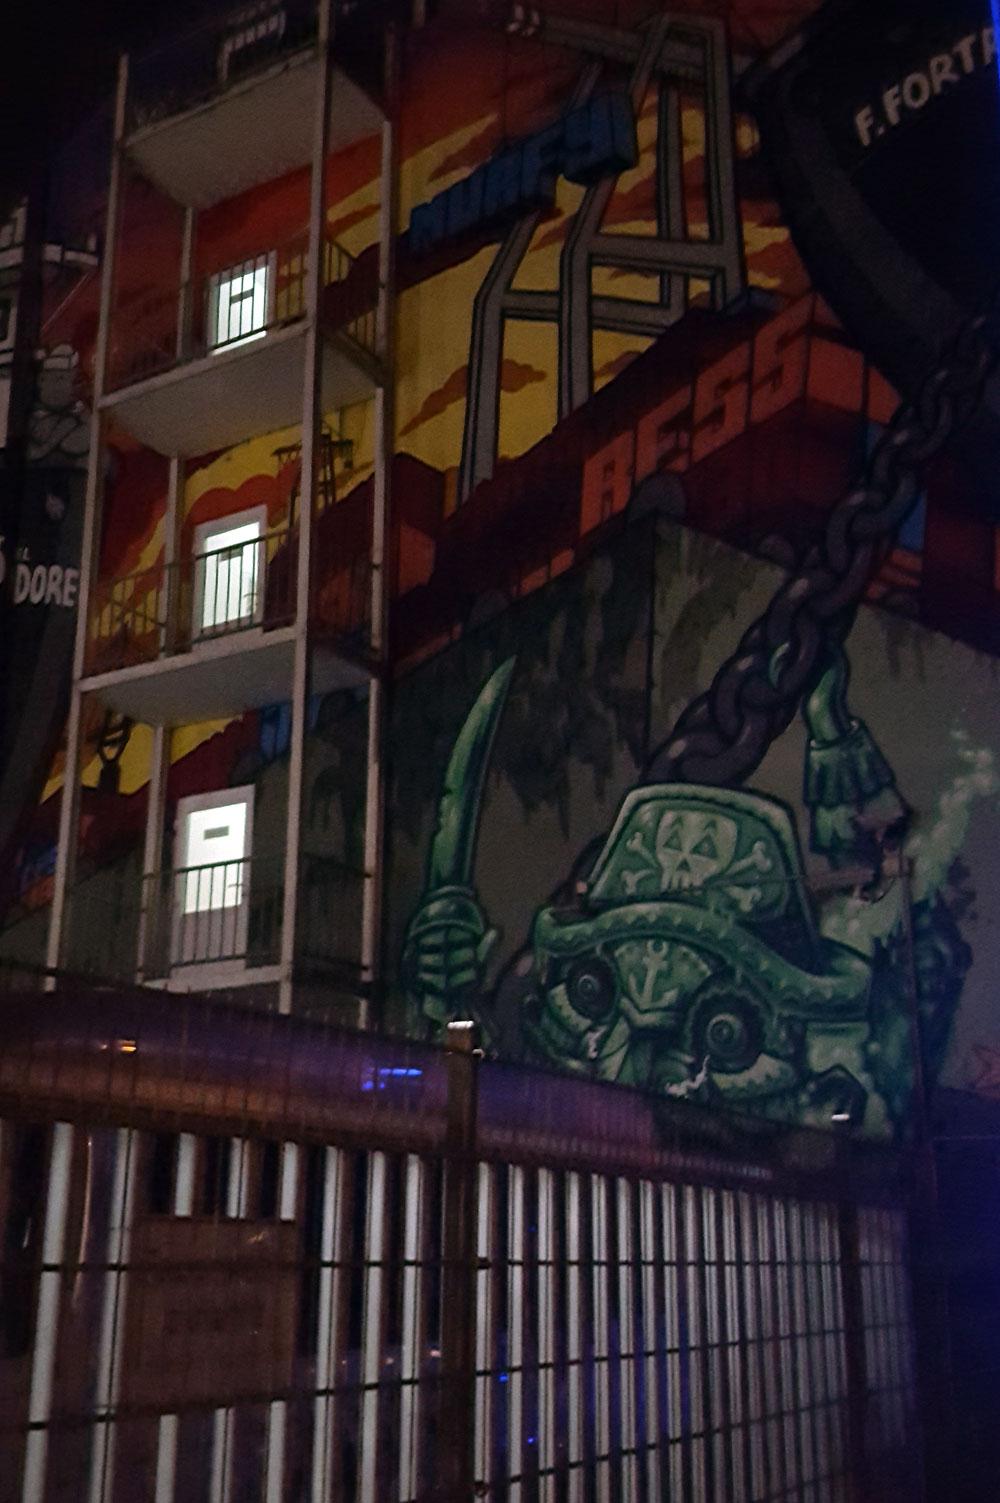 Krakenkapitän - Graffitii an einer Hauswand in der Budapesterstraße gegenüber dem Stadion